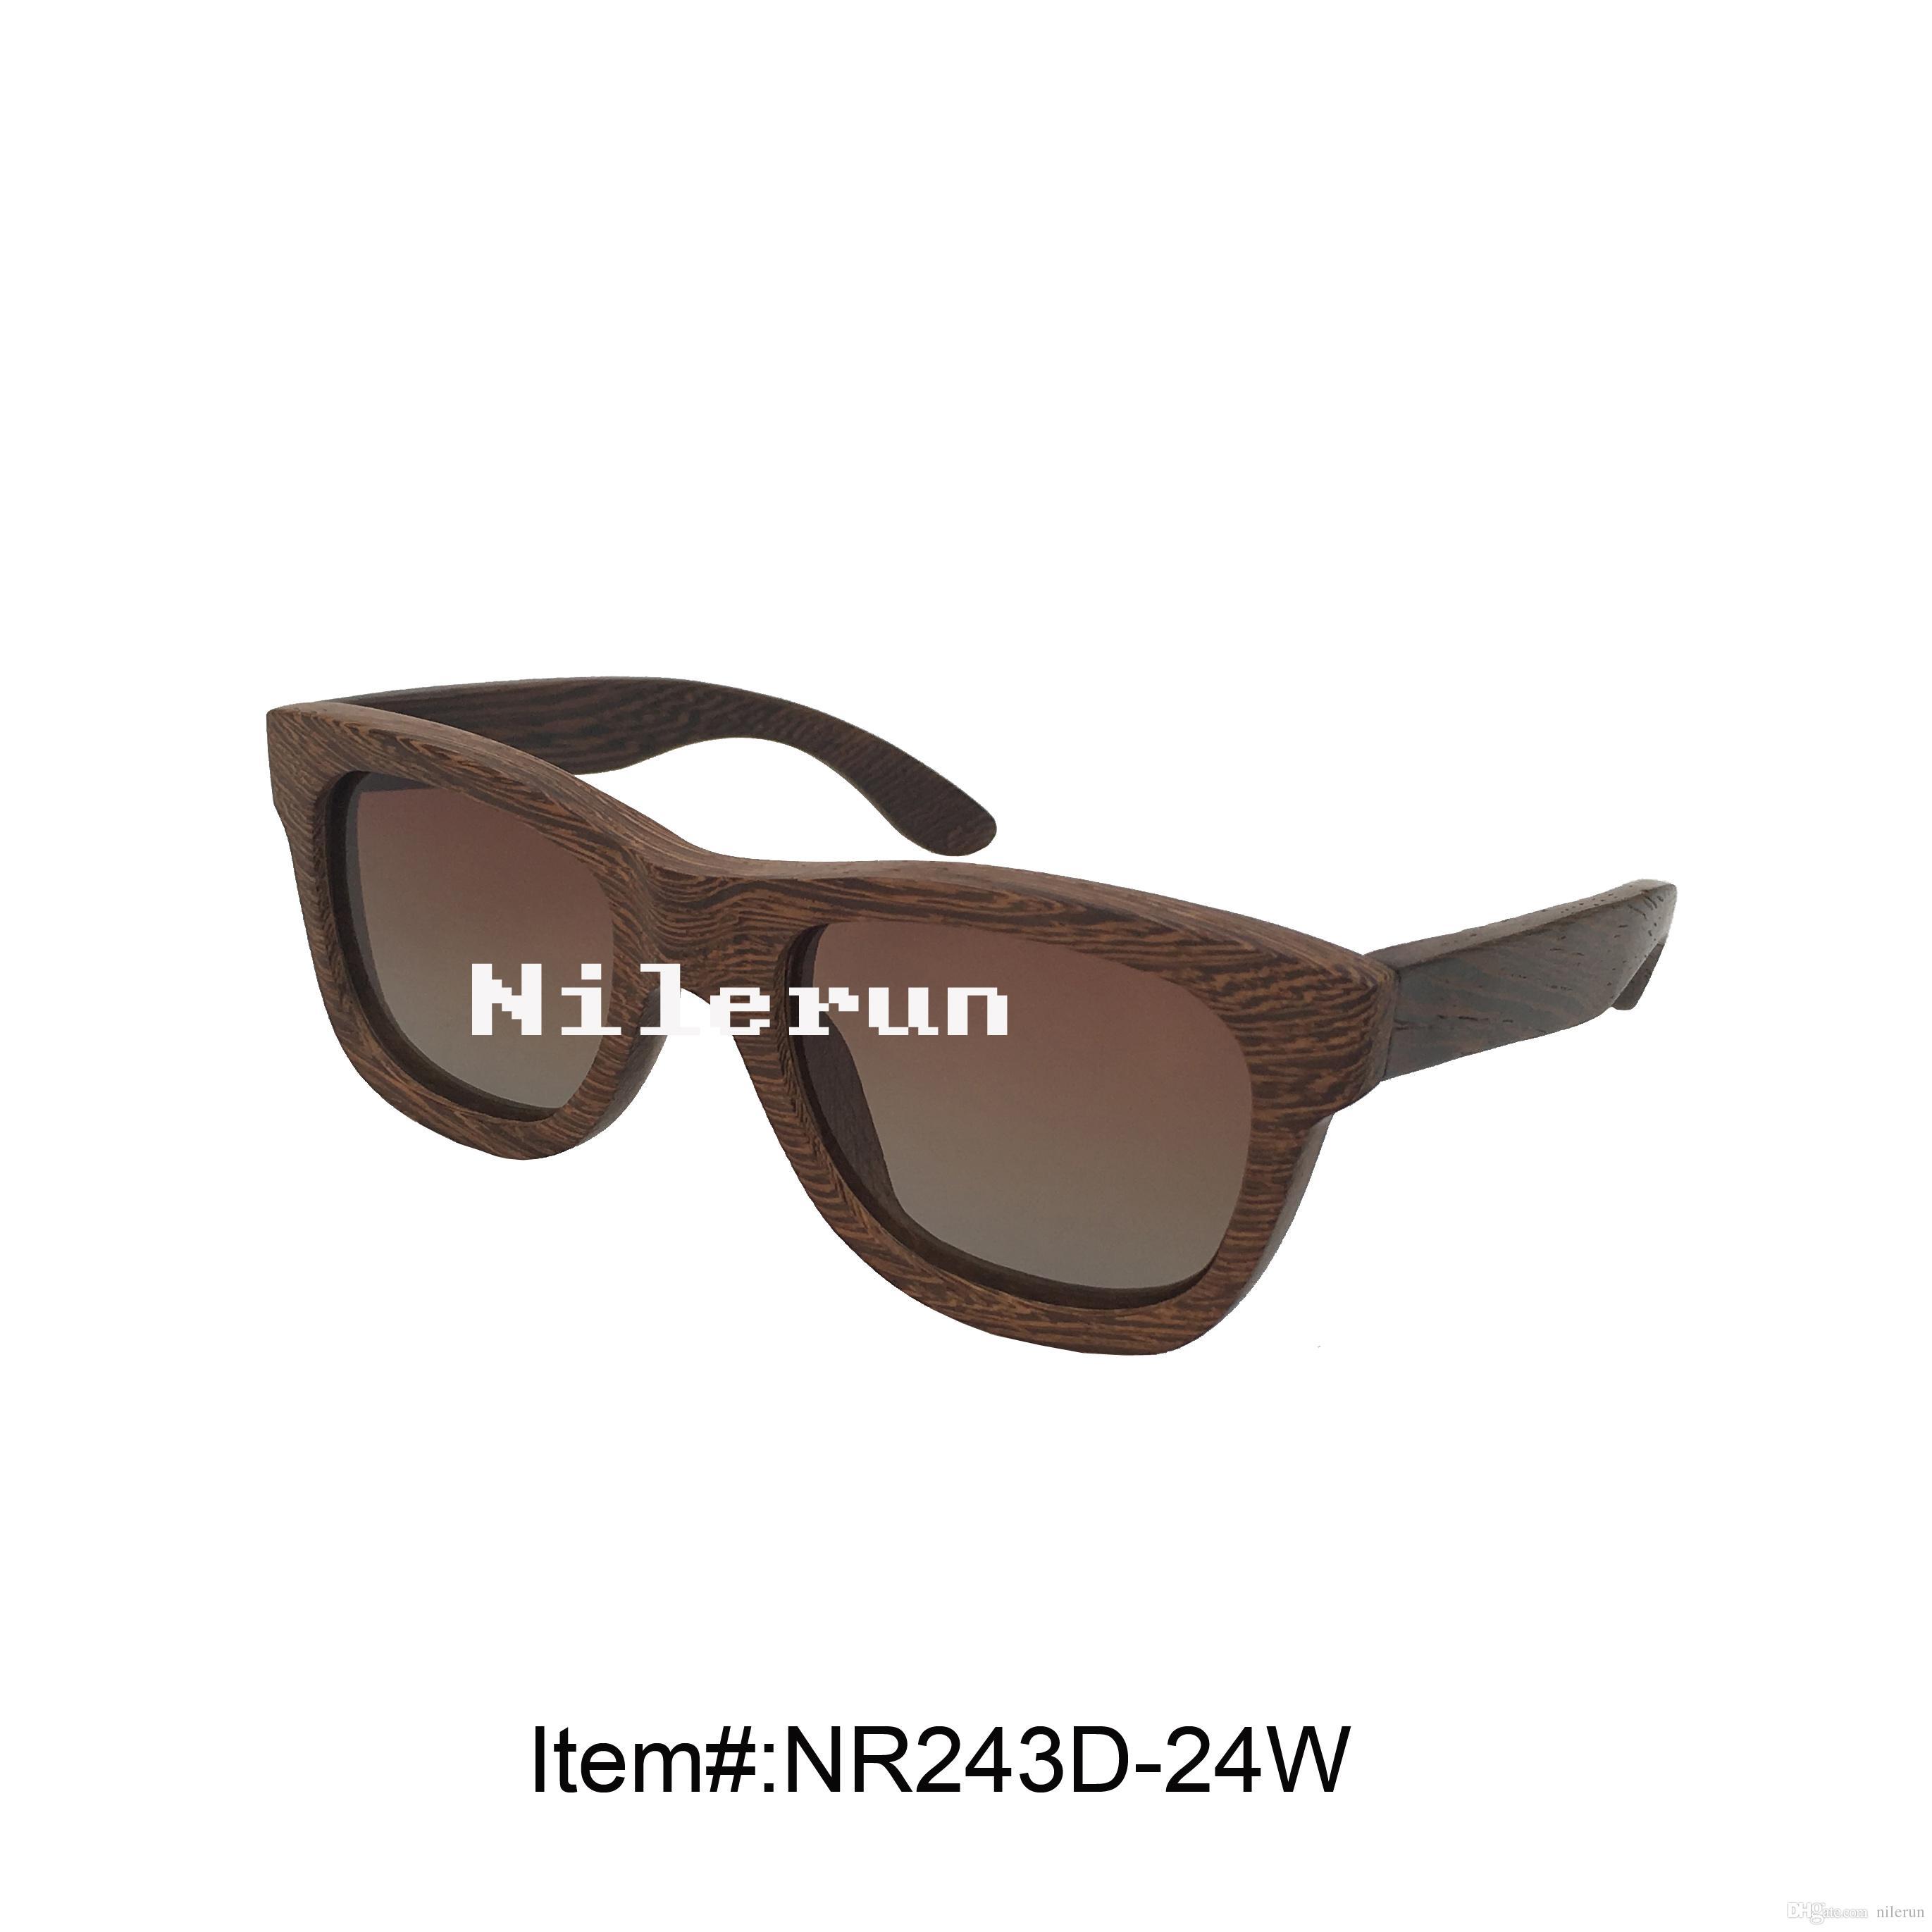 occhiali da sole in legno con ali di pollo fatte a mano